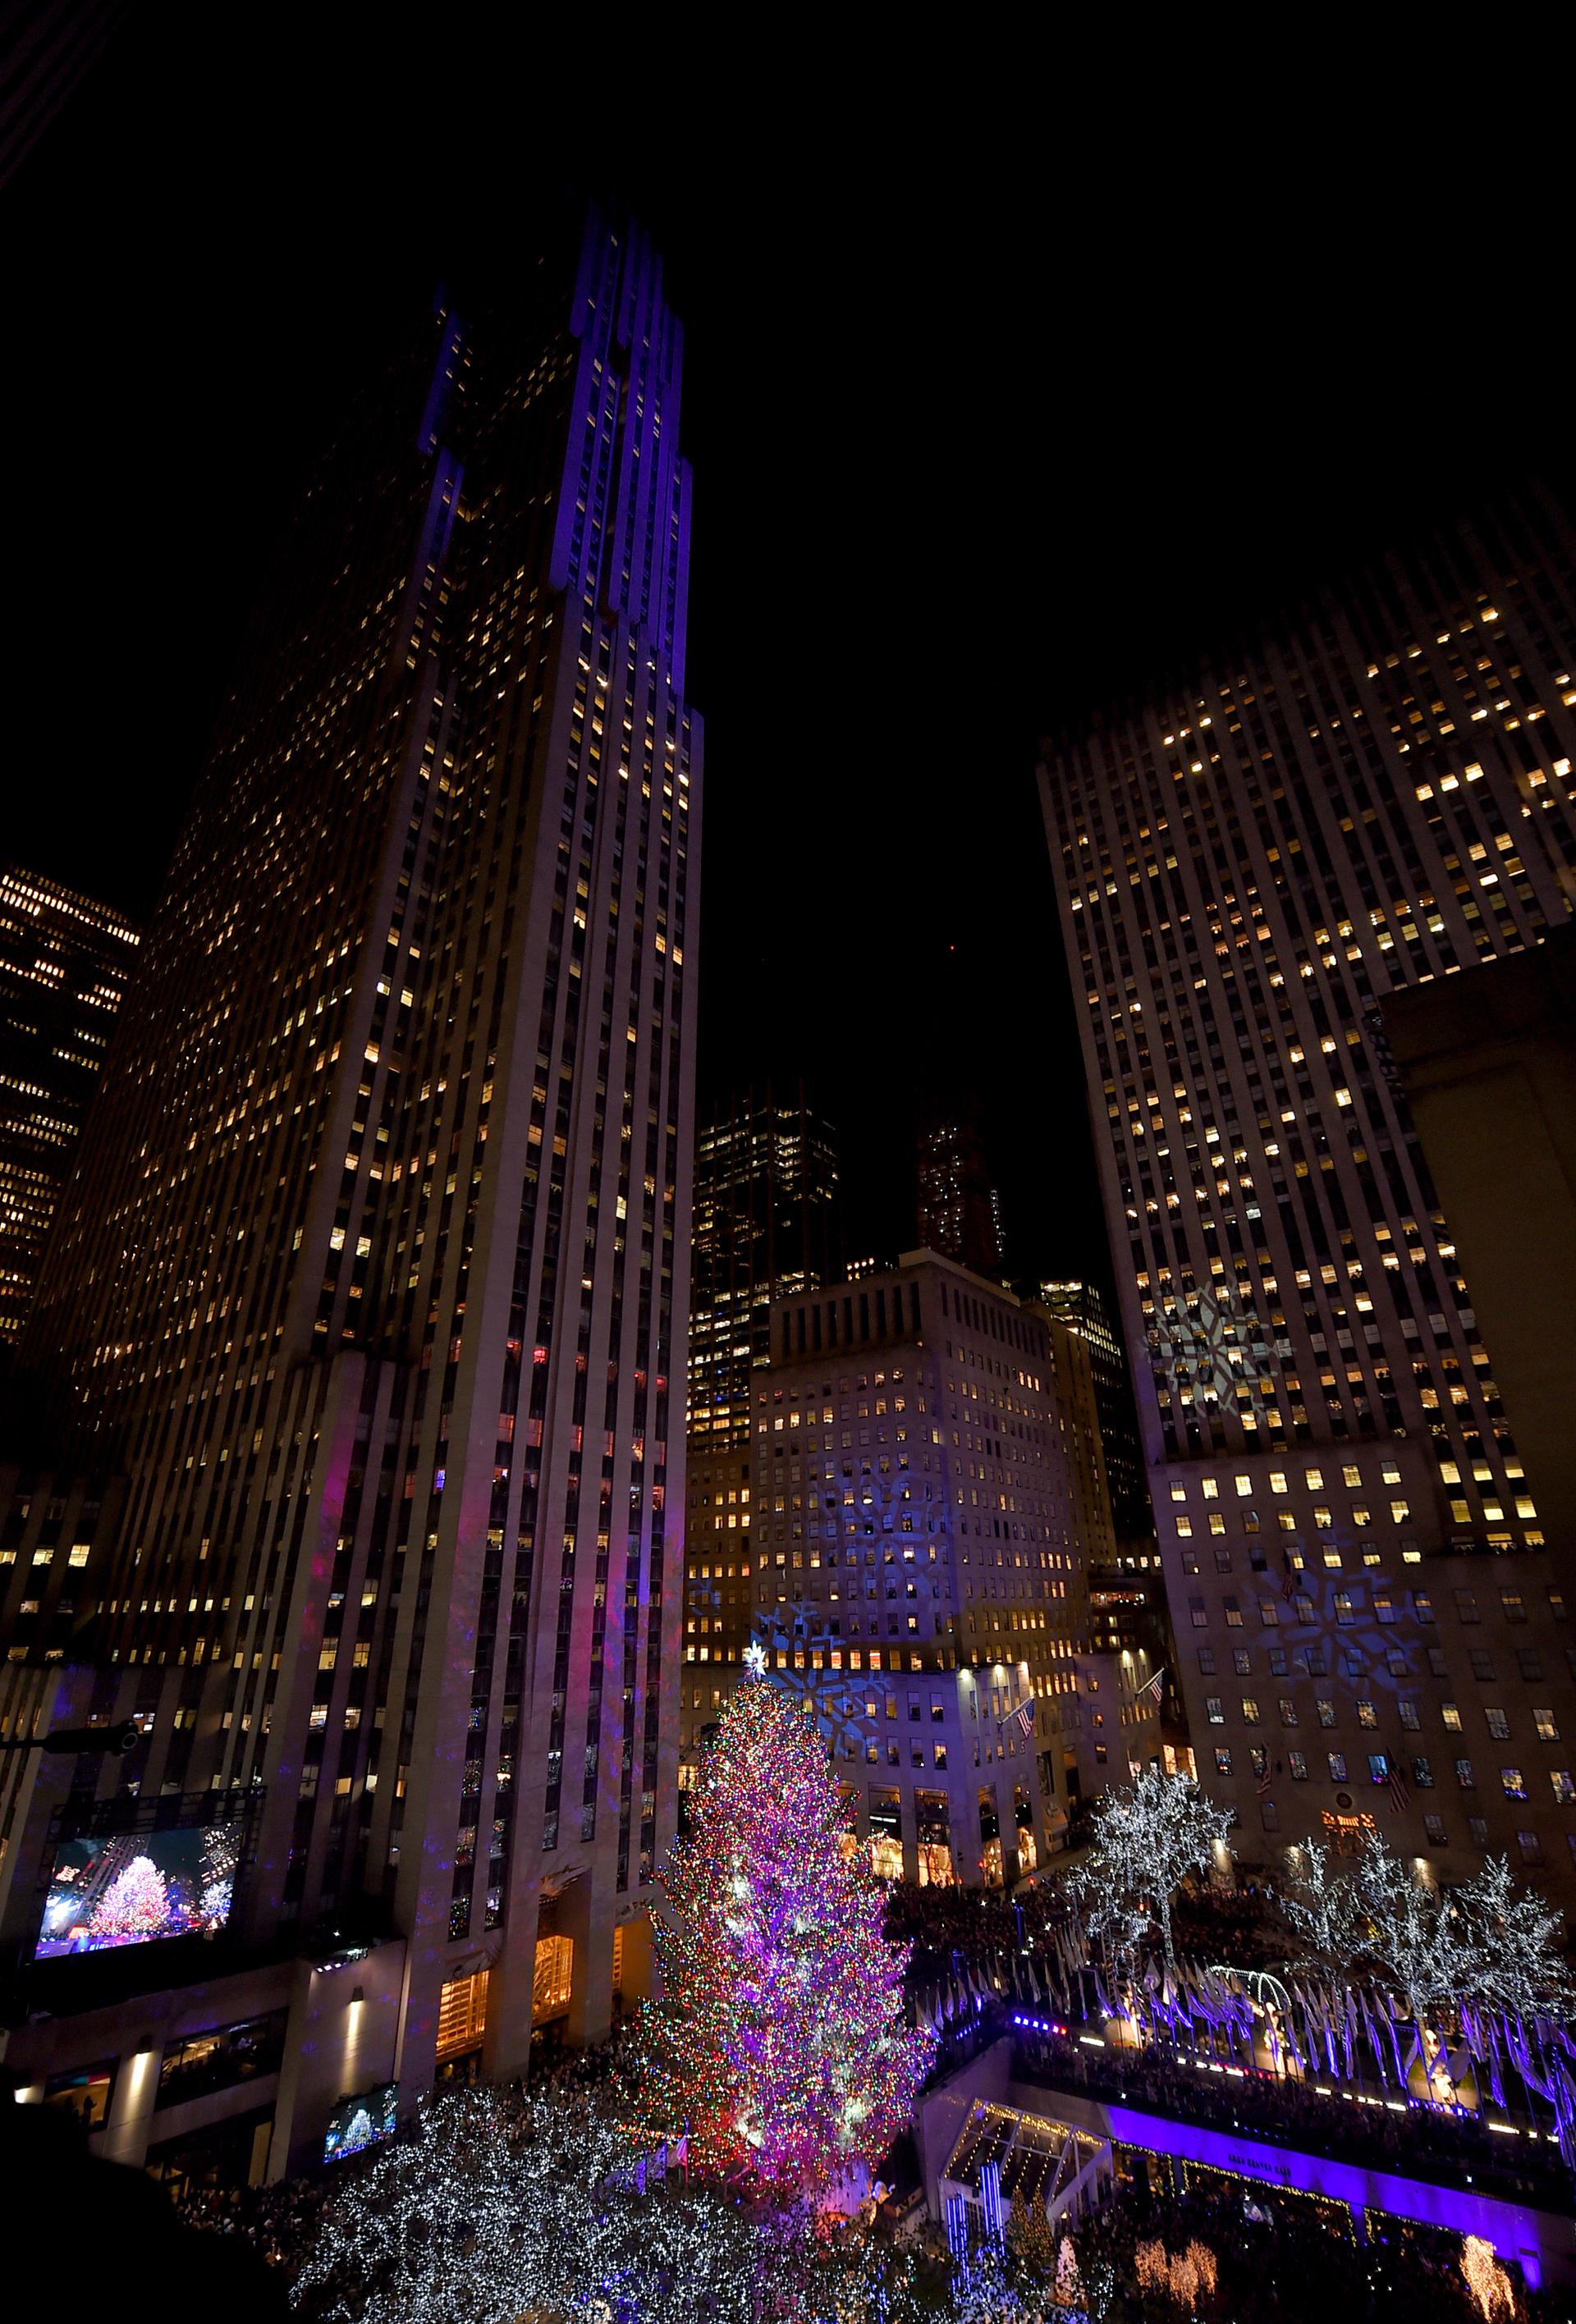 El pino noruego de 22 metros de altura y más de 12 toneladas de peso está decorado con 50.000 luces LED multicolores